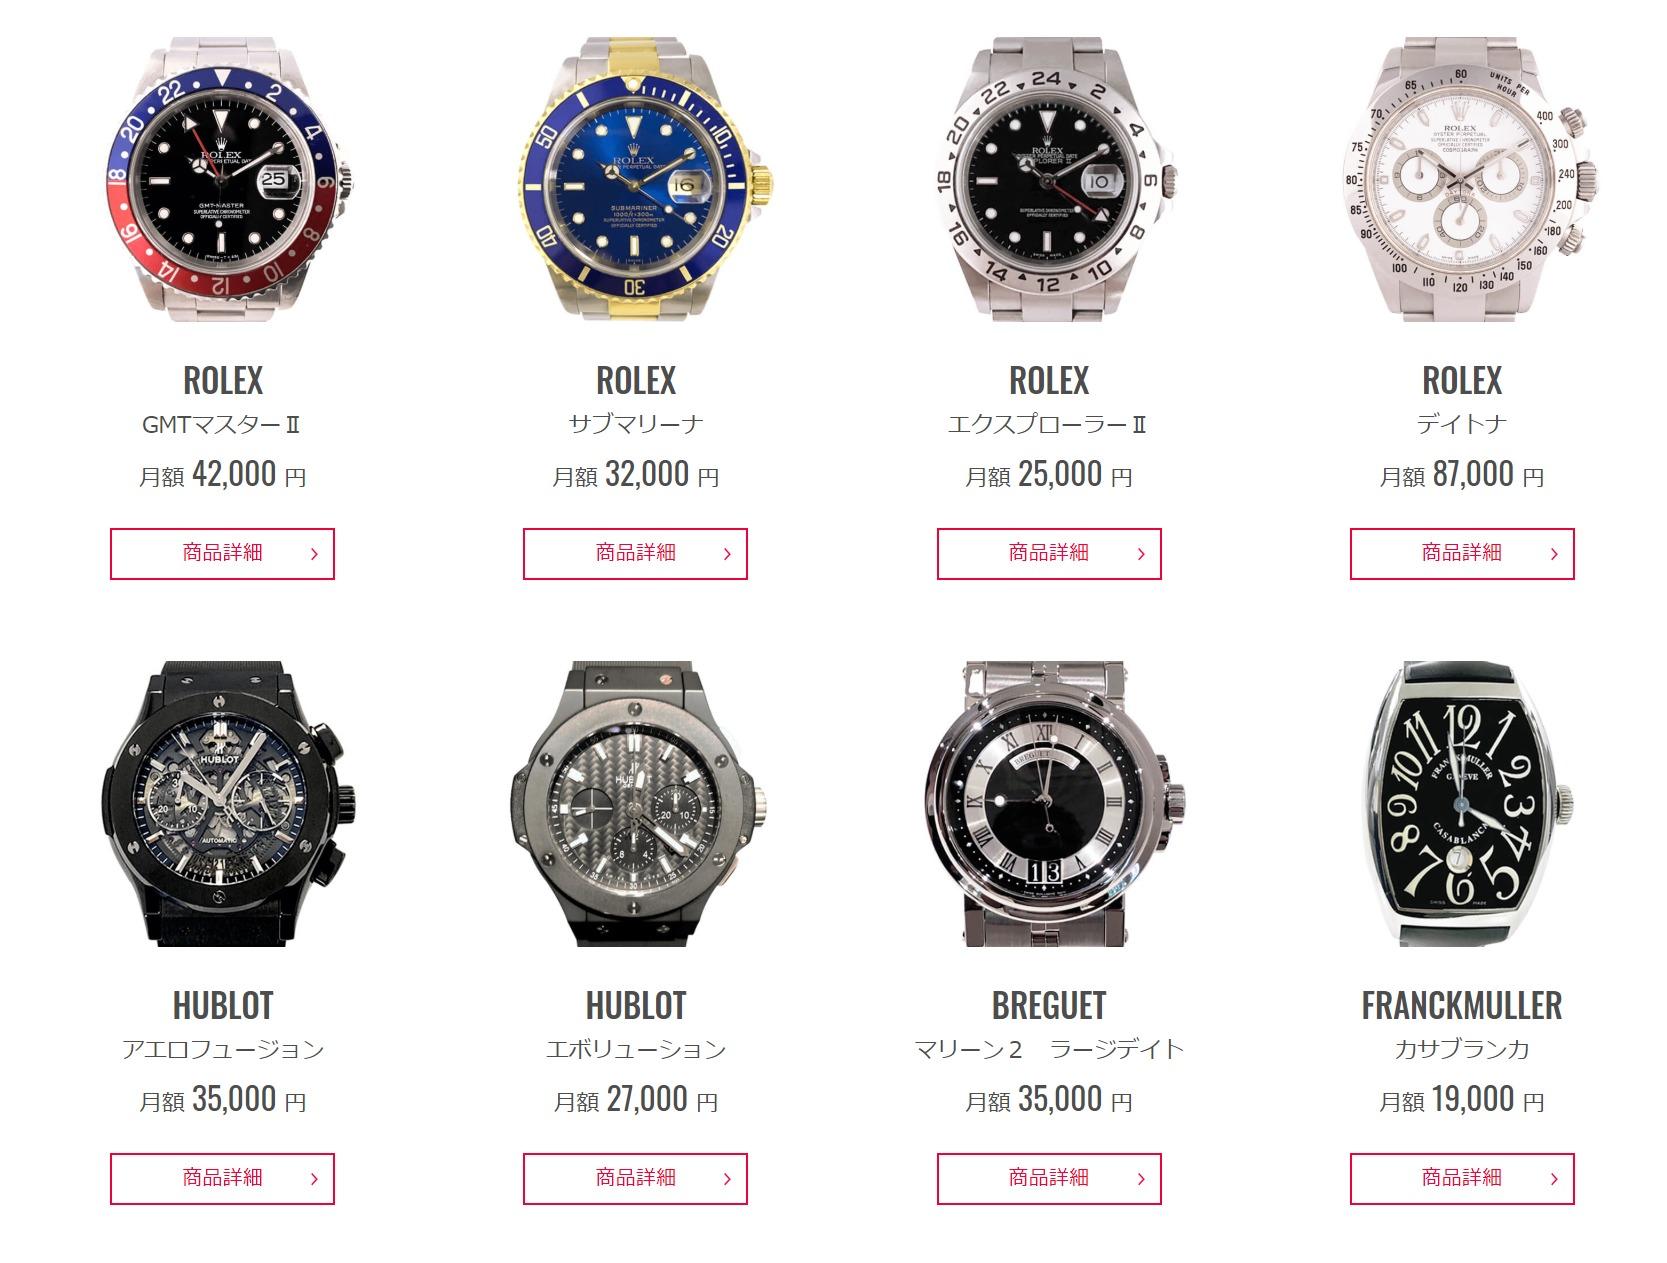 バイセルハント 腕時計ラインナップと料金